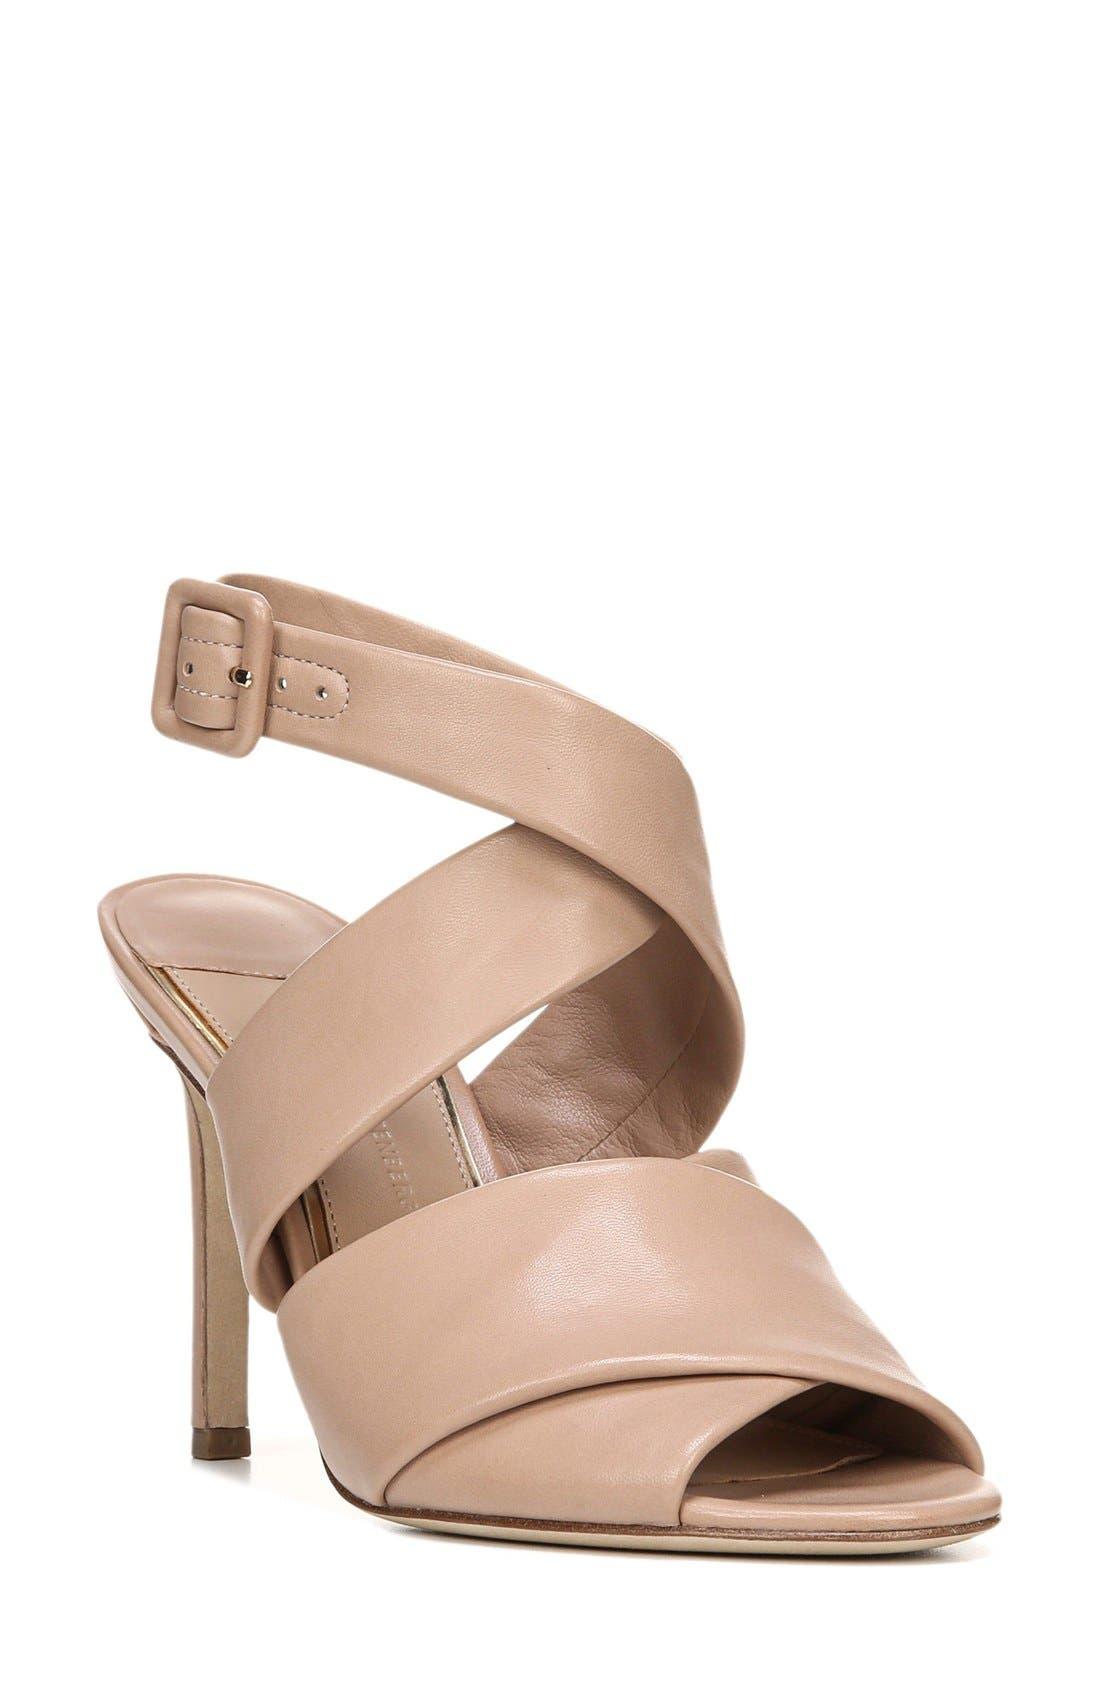 DIANE VON FURSTENBERG Sondria Ankle Strap Sandal